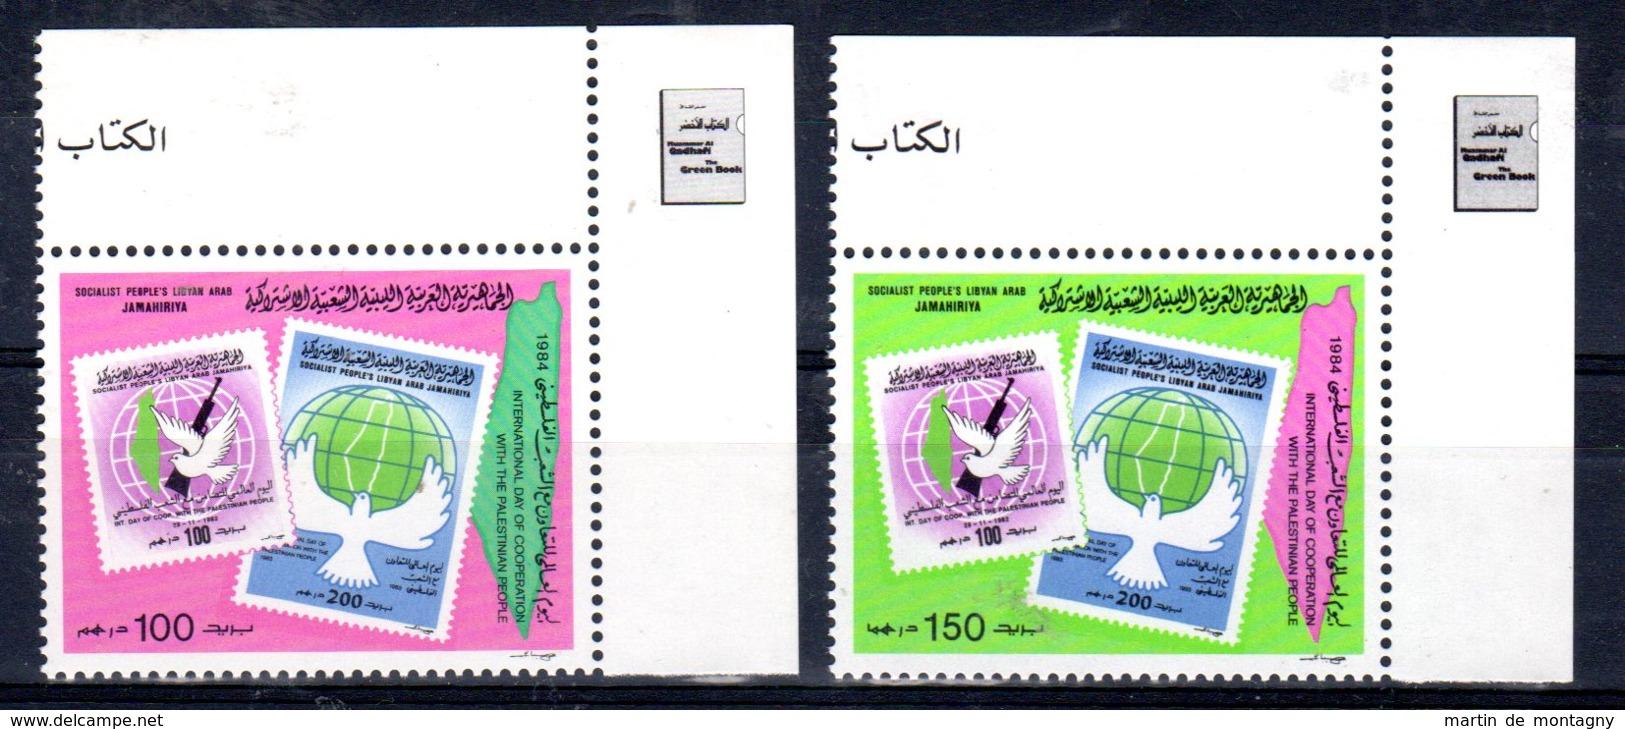 29.11.1984; Solidarität Mit Palästina; Mi-Nr. 1437 - 1438, Postfrisch; Los 52055 - Libia